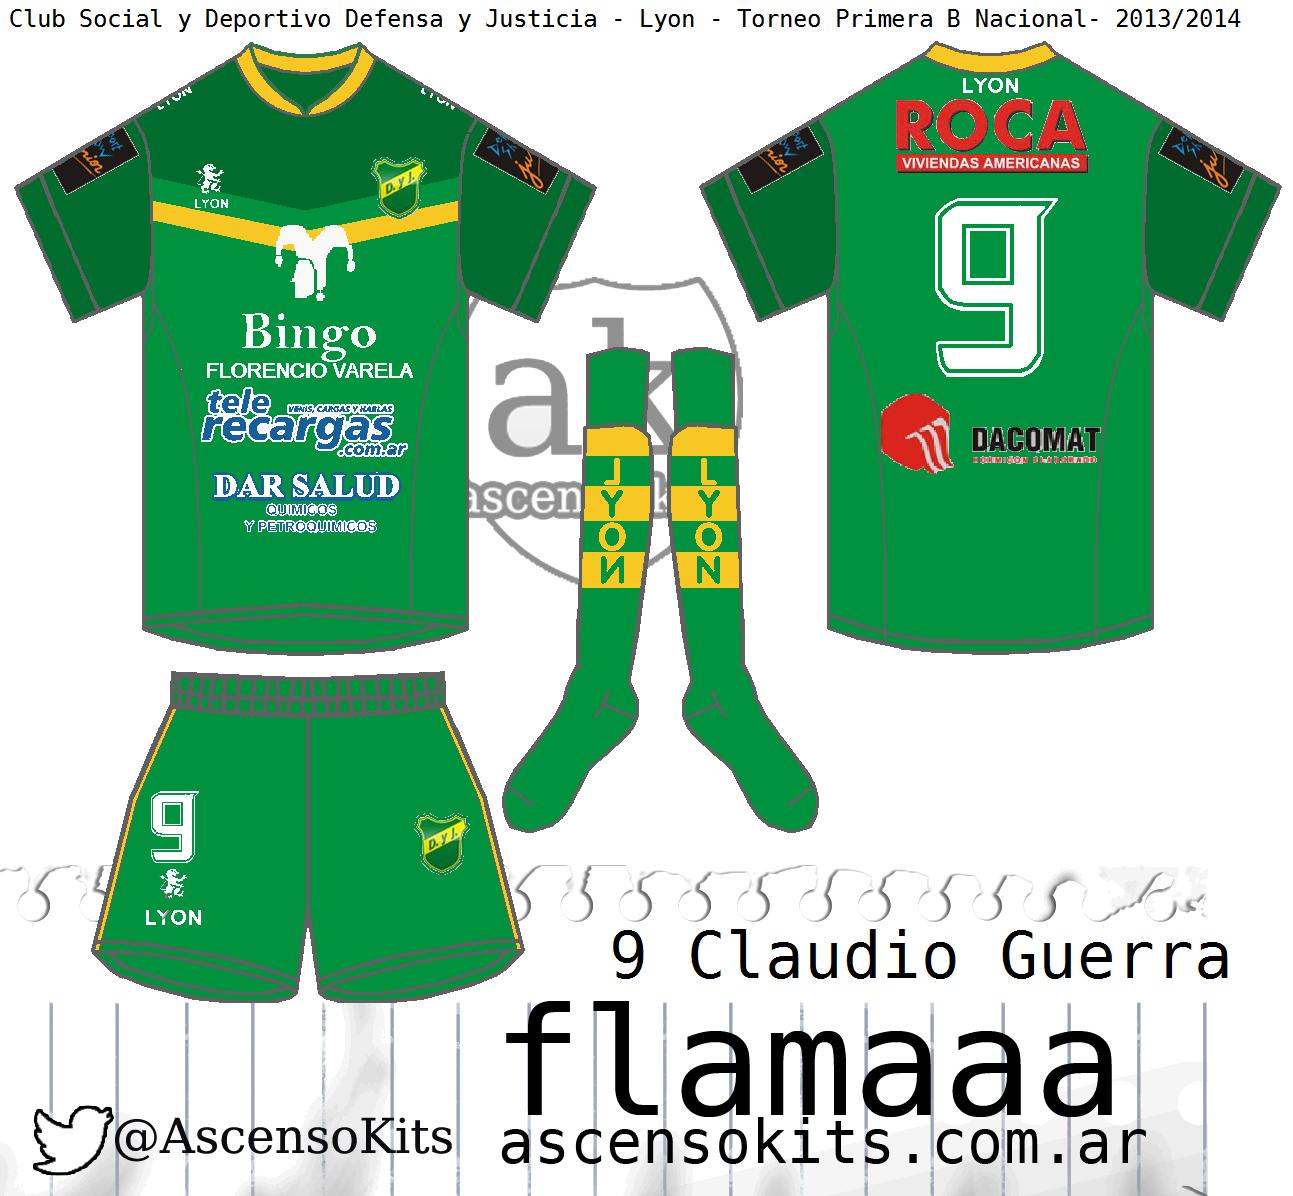 Ascensokits Club Social Y Deportivo Defensa Y Justicia